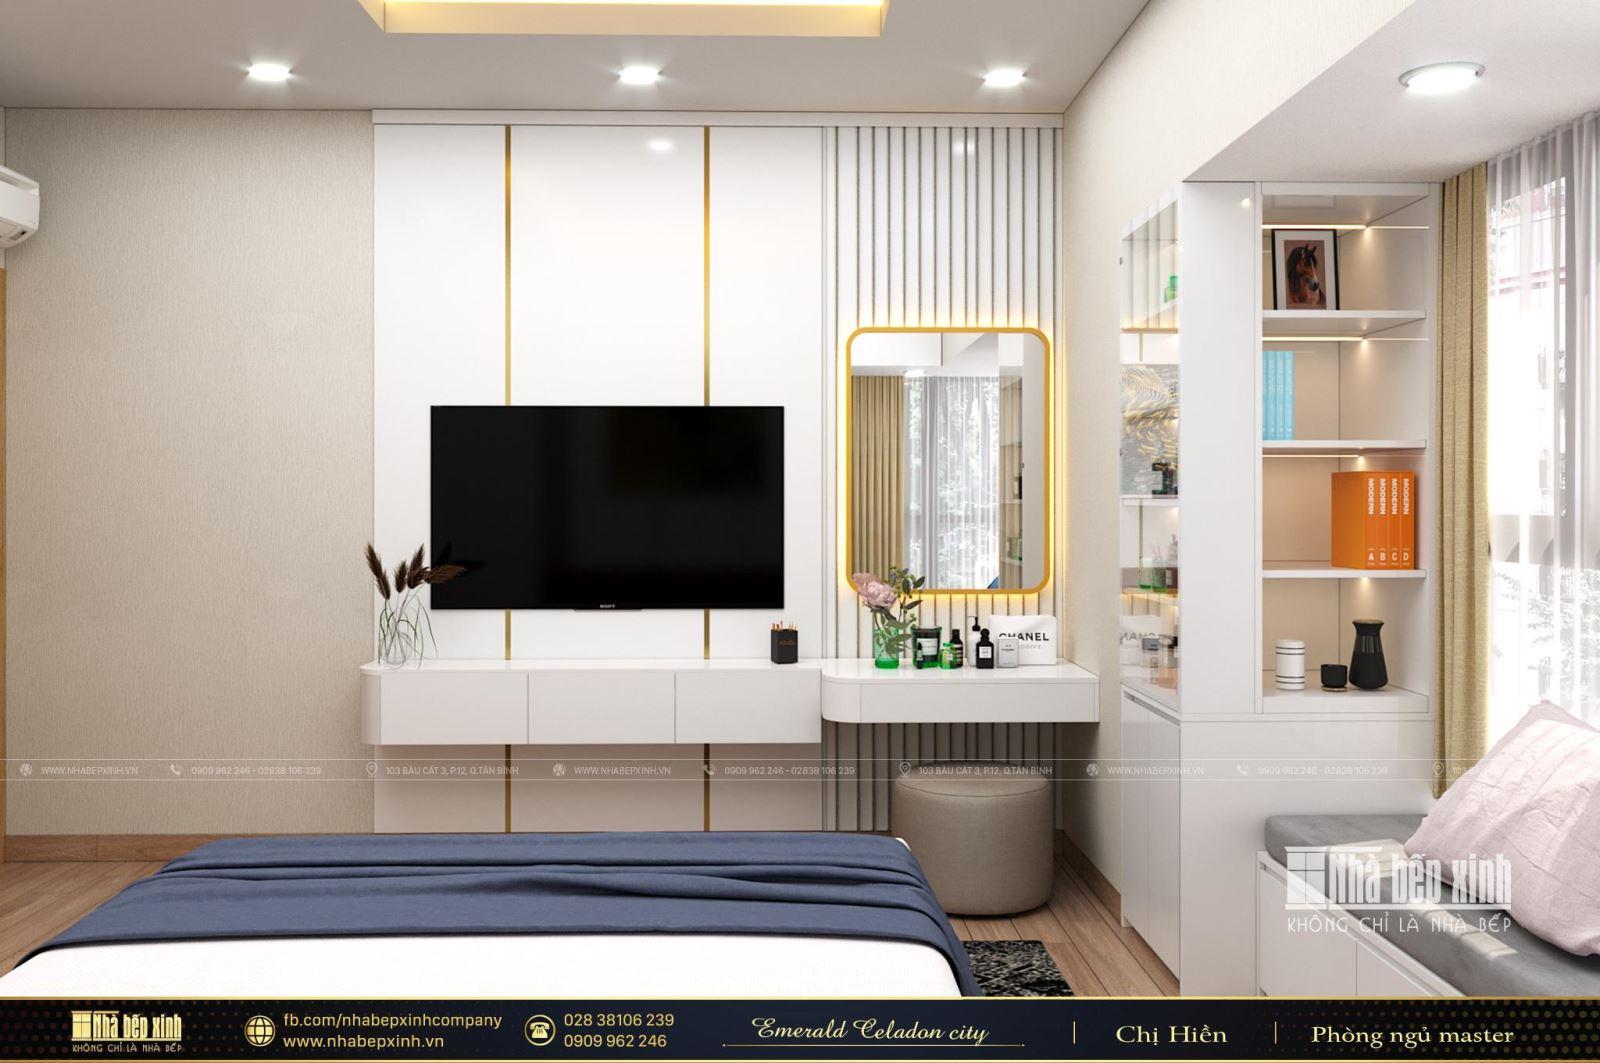 Thiết kế và thi công nội thất trọn gói uy tín - chất lượng tại Emerald Celadon City 104m2